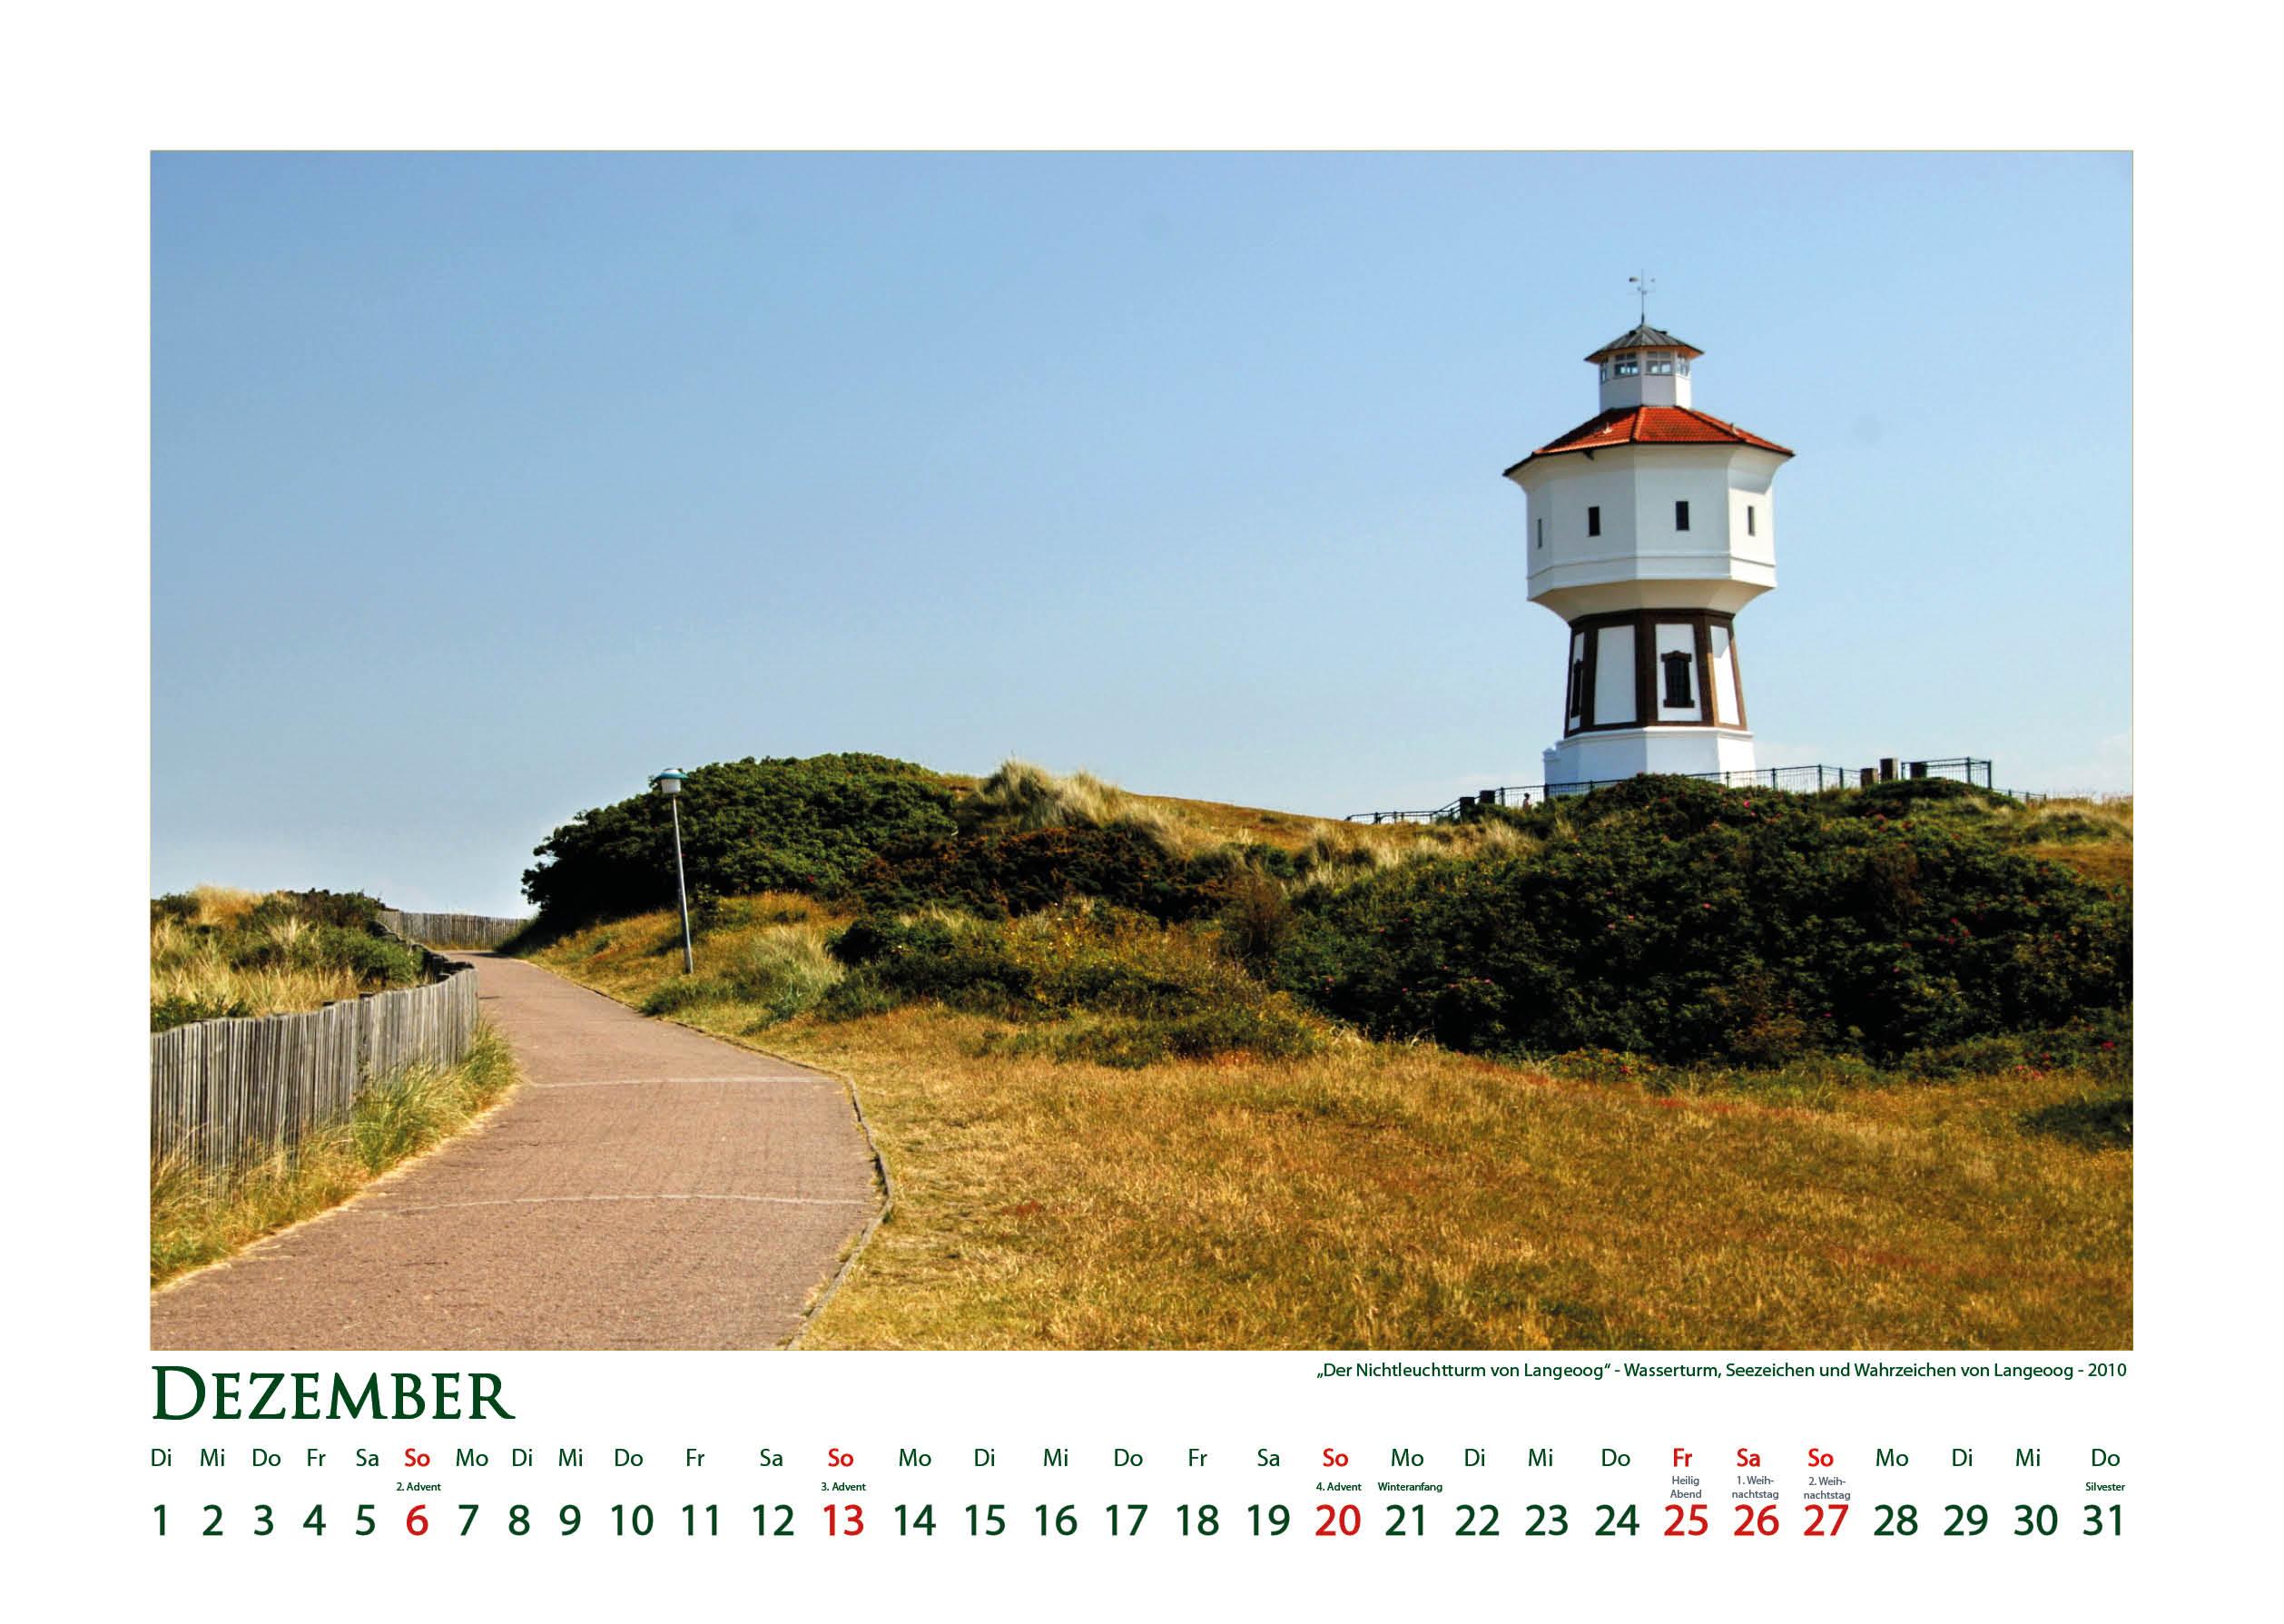 Wasserturm Langeoog - Leuchttürme - Kalender 2020 © Katharina Hansen-Gluschitz